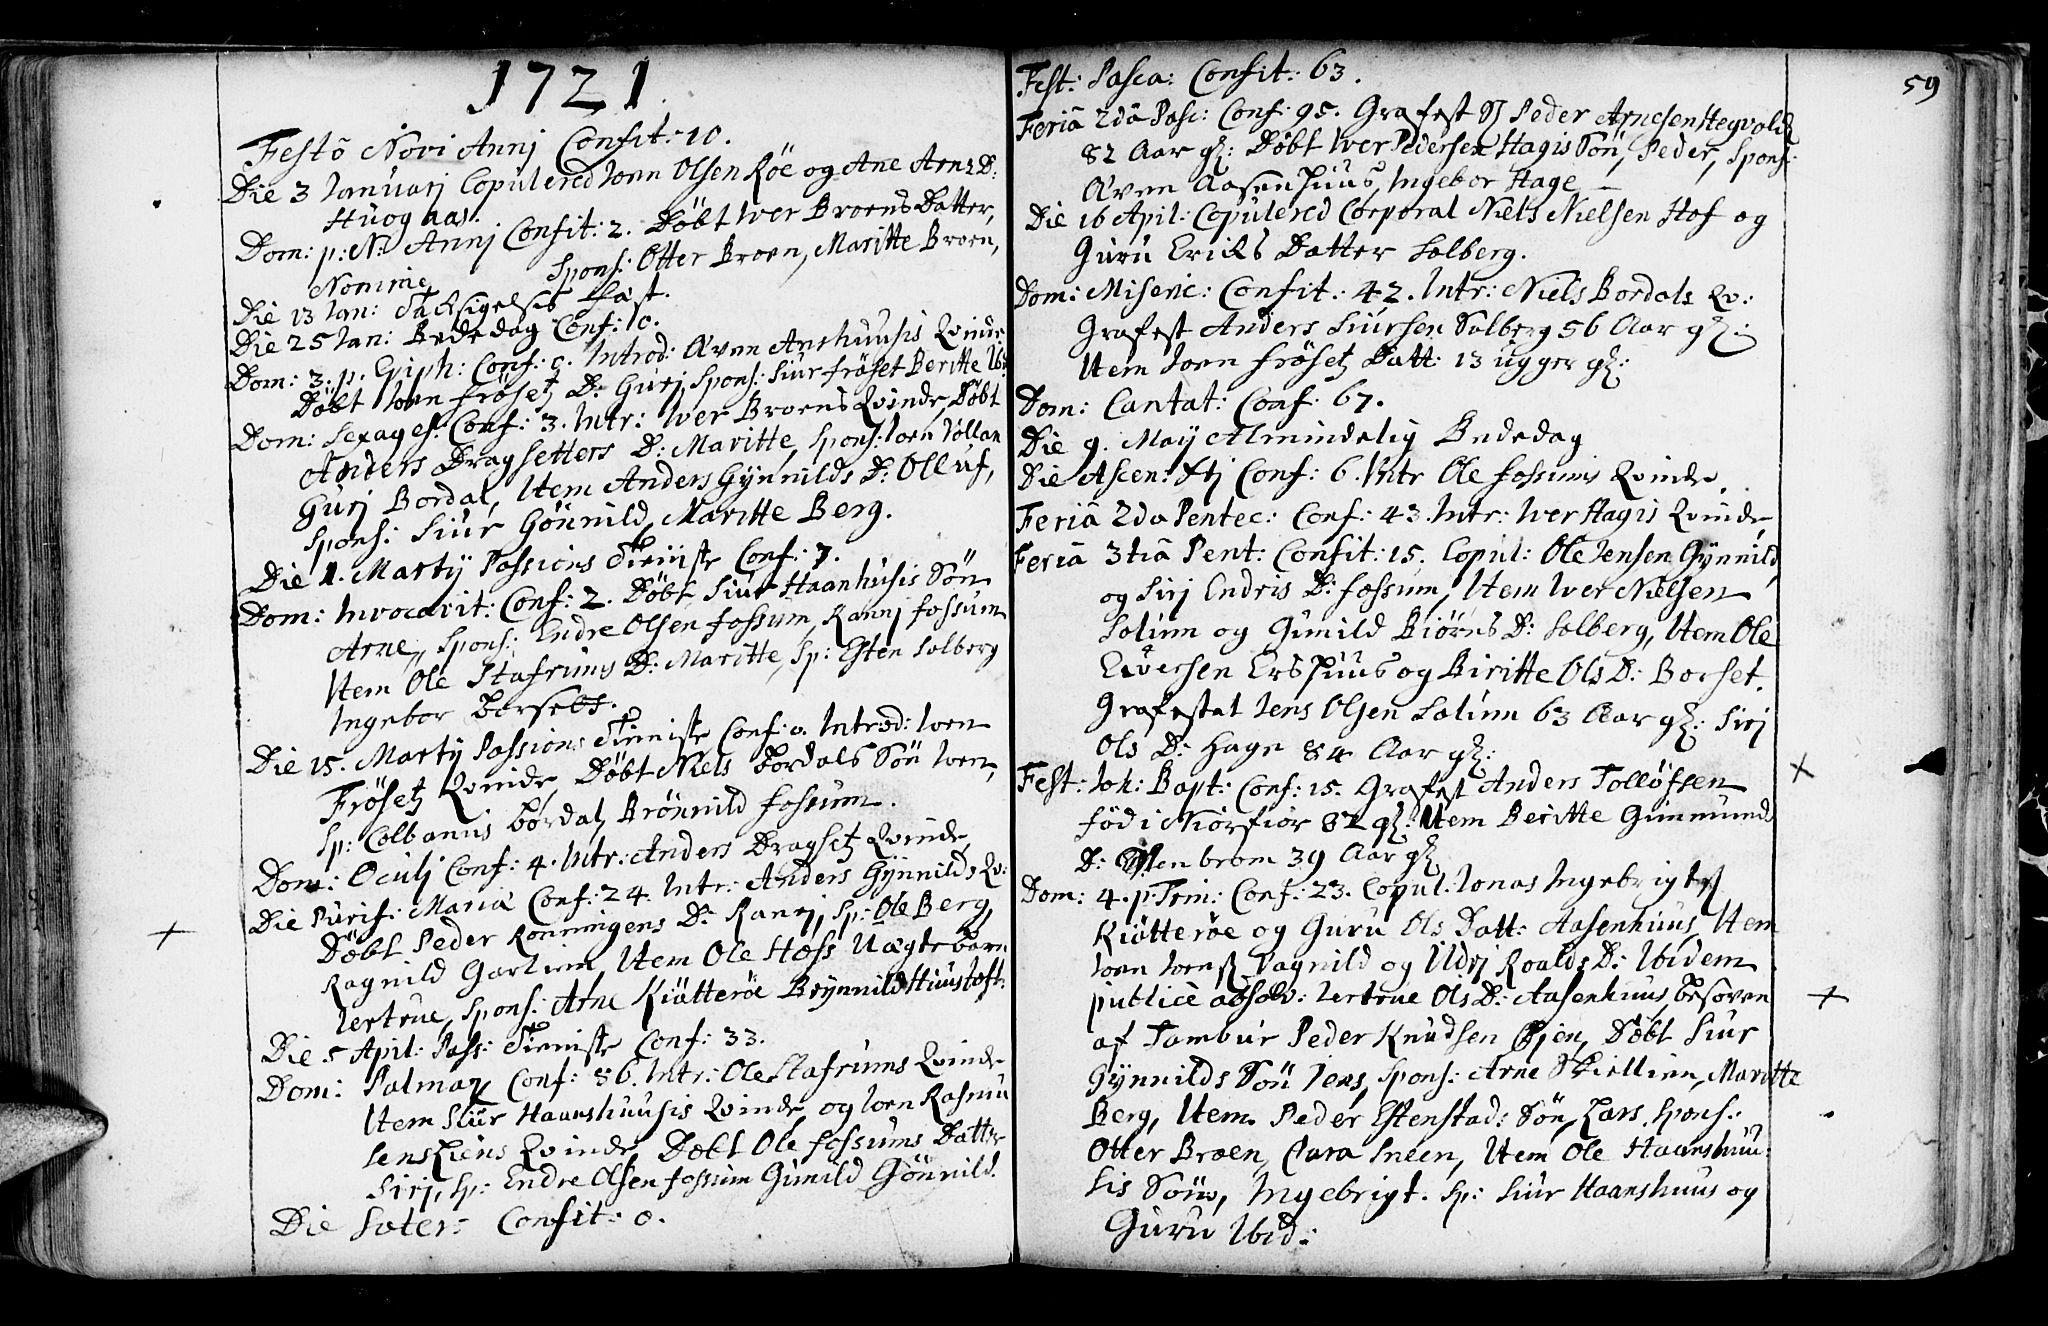 SAT, Ministerialprotokoller, klokkerbøker og fødselsregistre - Sør-Trøndelag, 689/L1036: Ministerialbok nr. 689A01, 1696-1746, s. 59